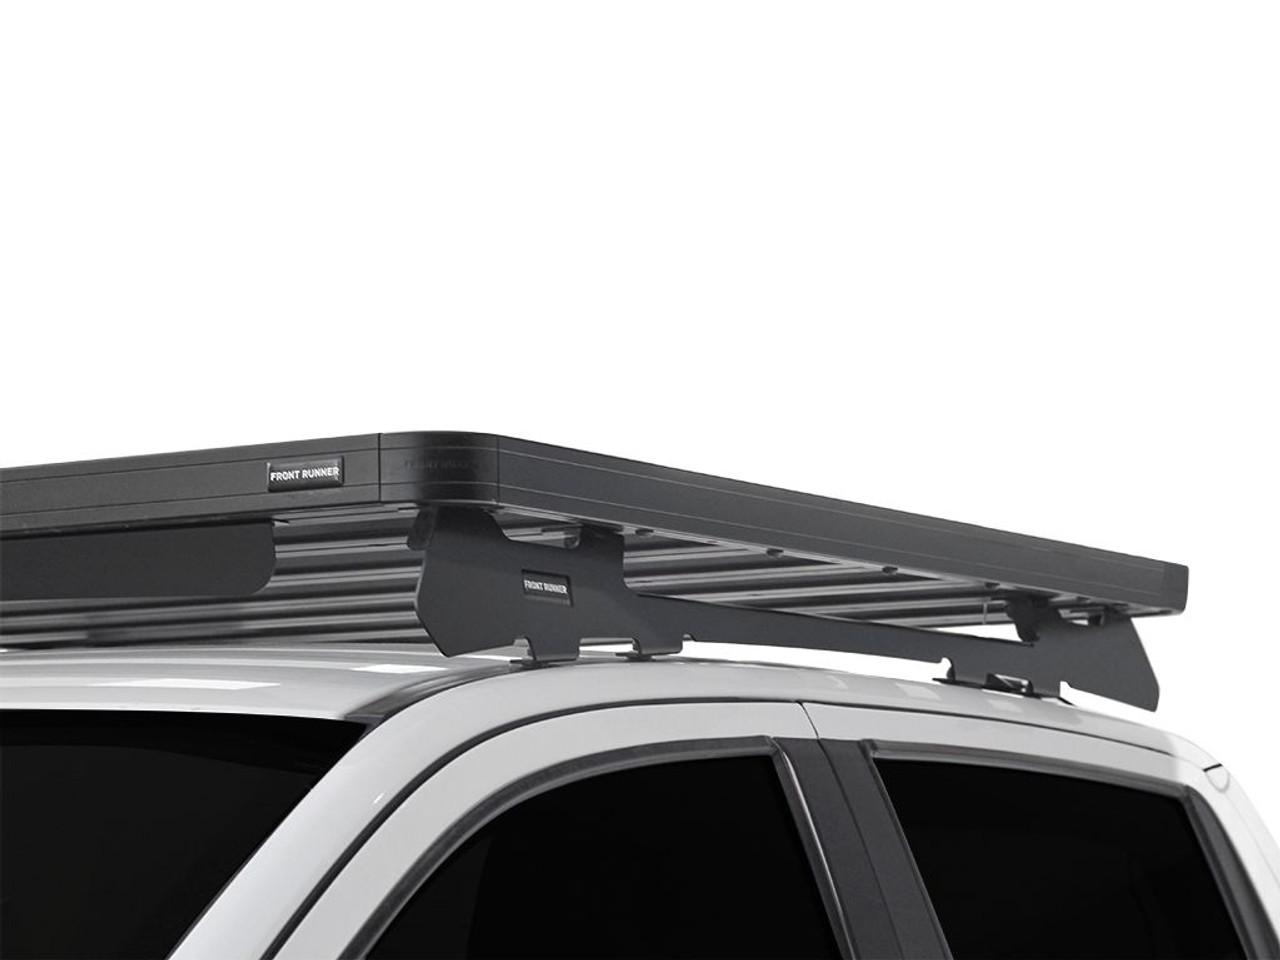 ford ranger raptor 2019 current slimline ii roof rack kit by front runner